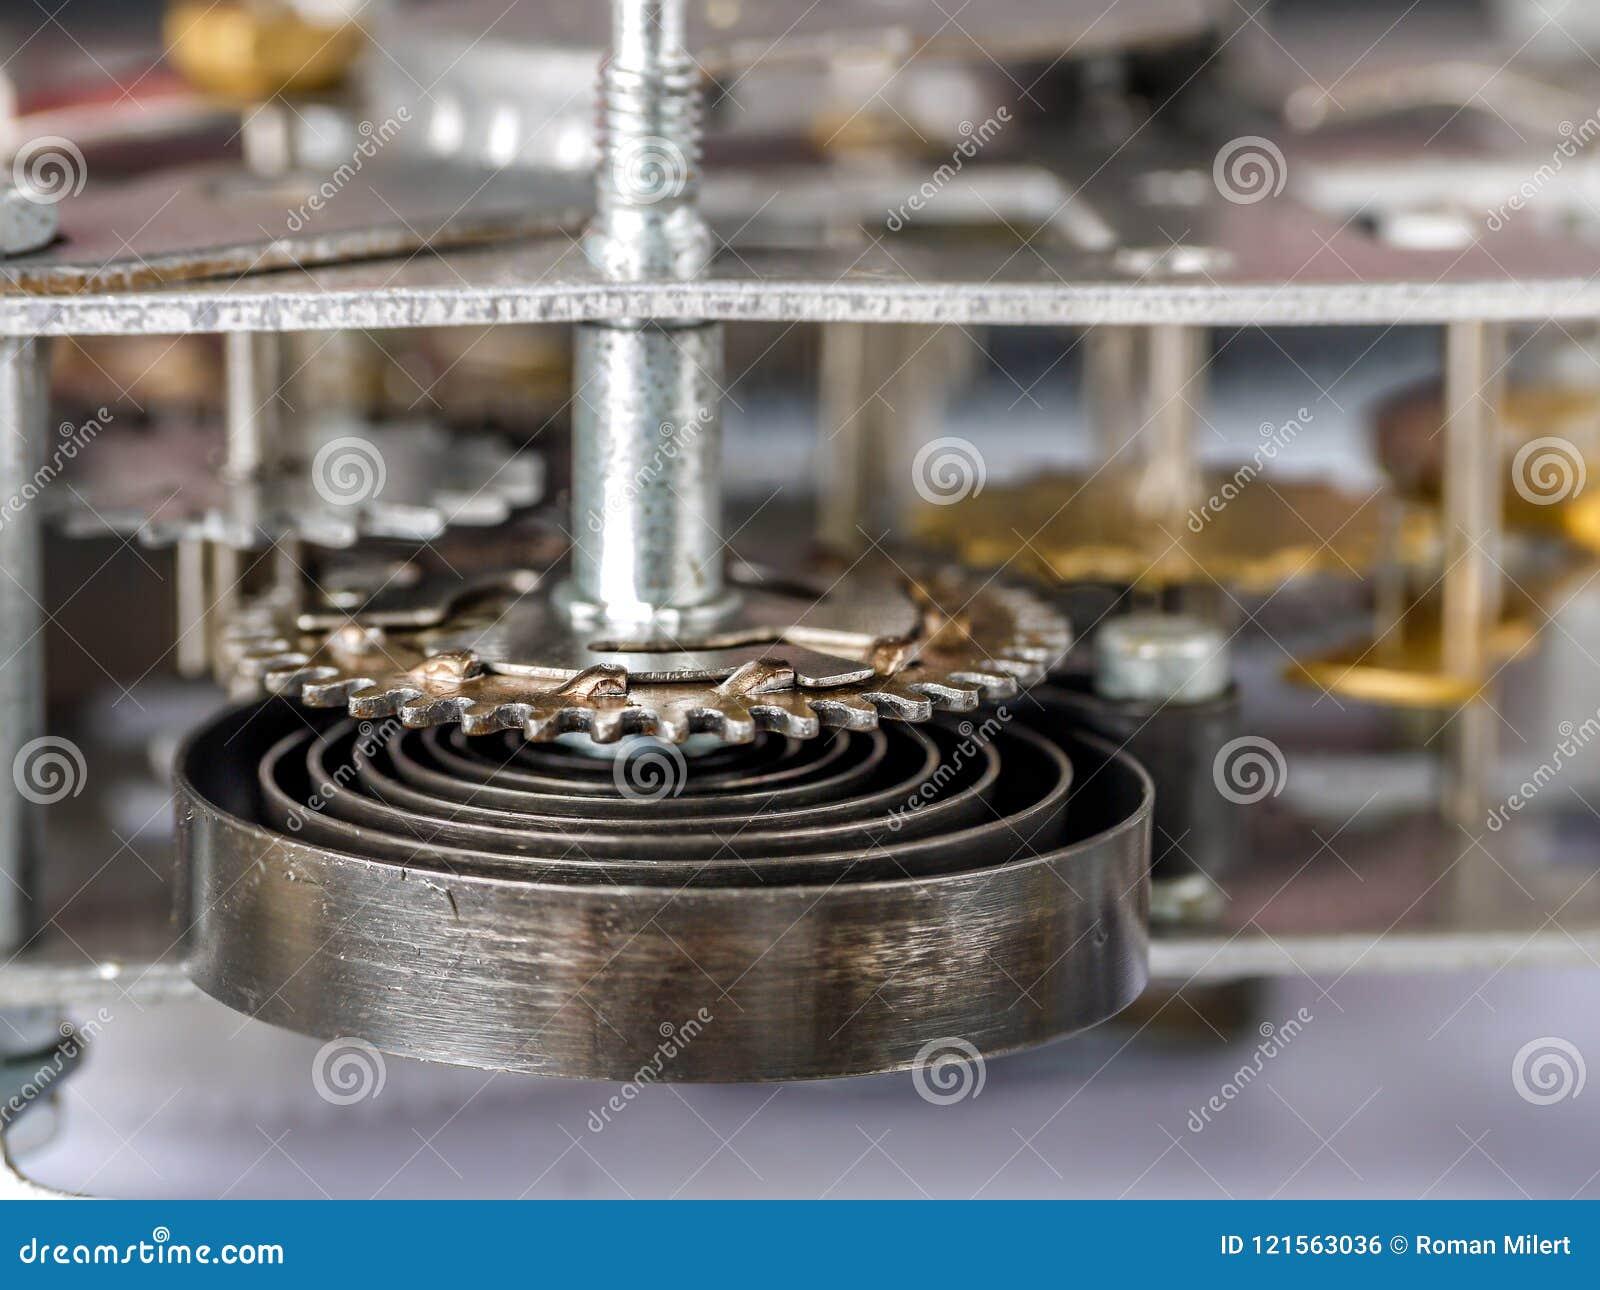 Old mechanical clockwork